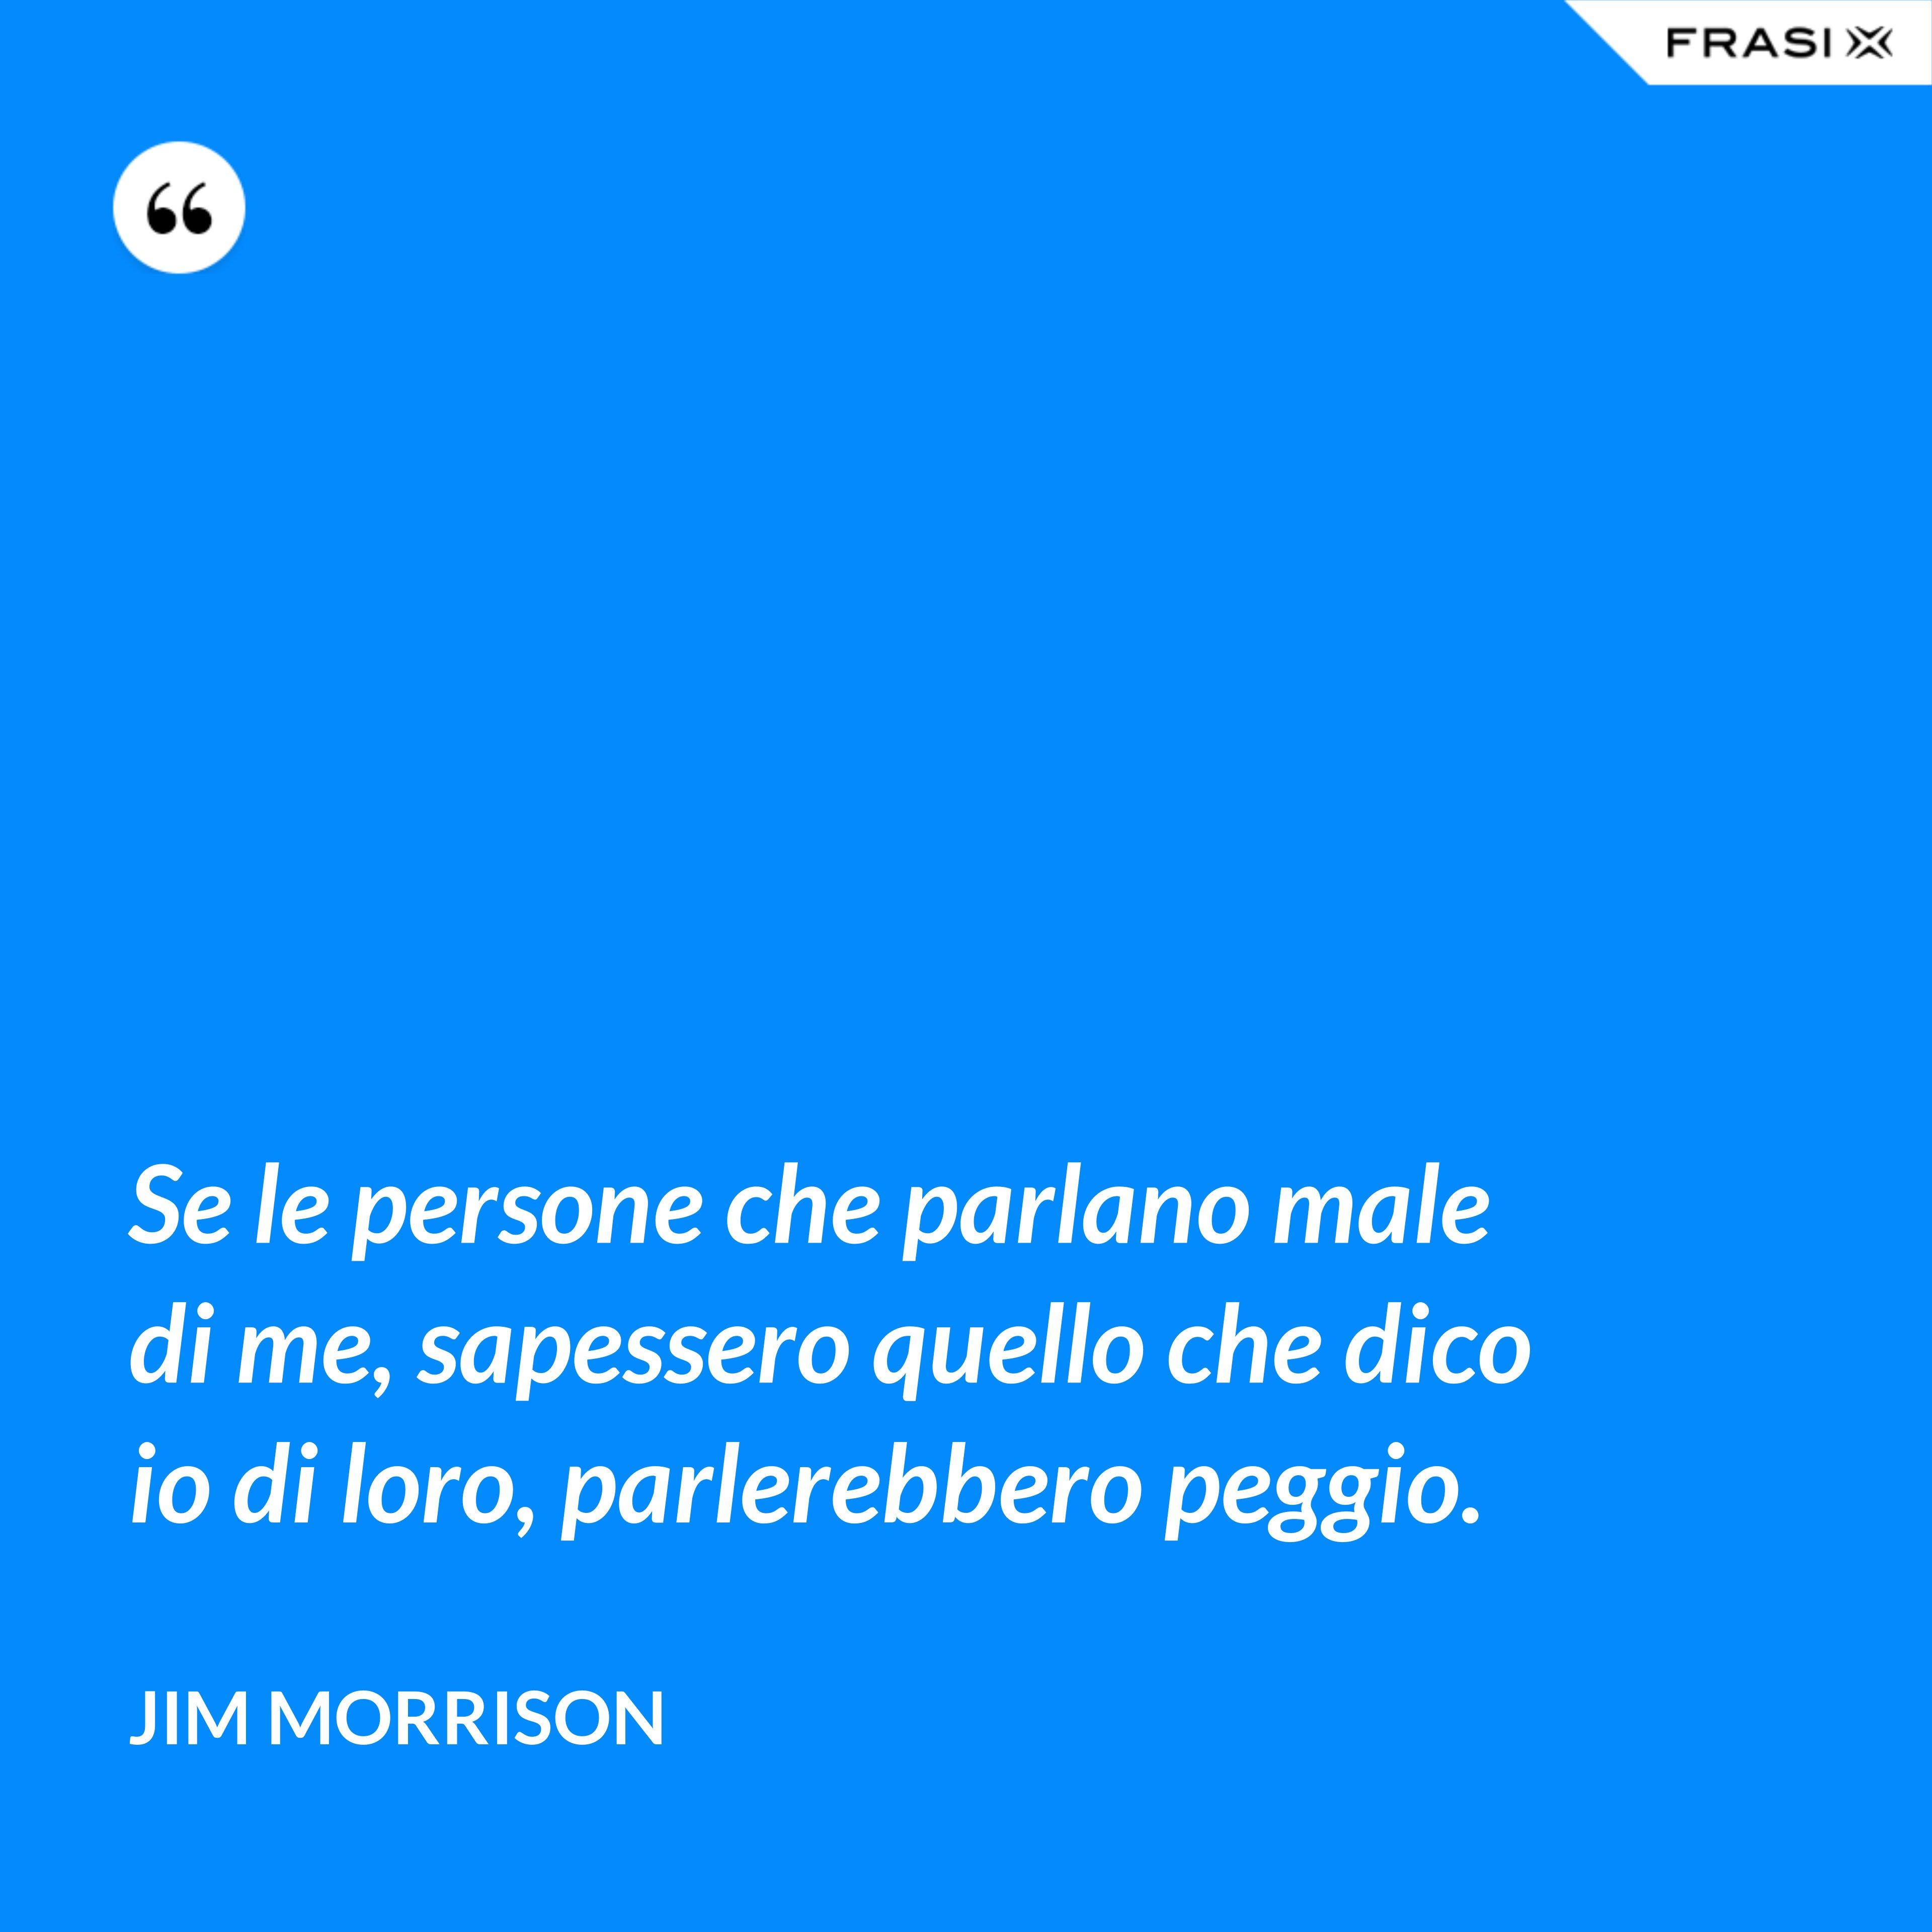 Se le persone che parlano male di me, sapessero quello che dico io di loro, parlerebbero peggio. - Jim Morrison